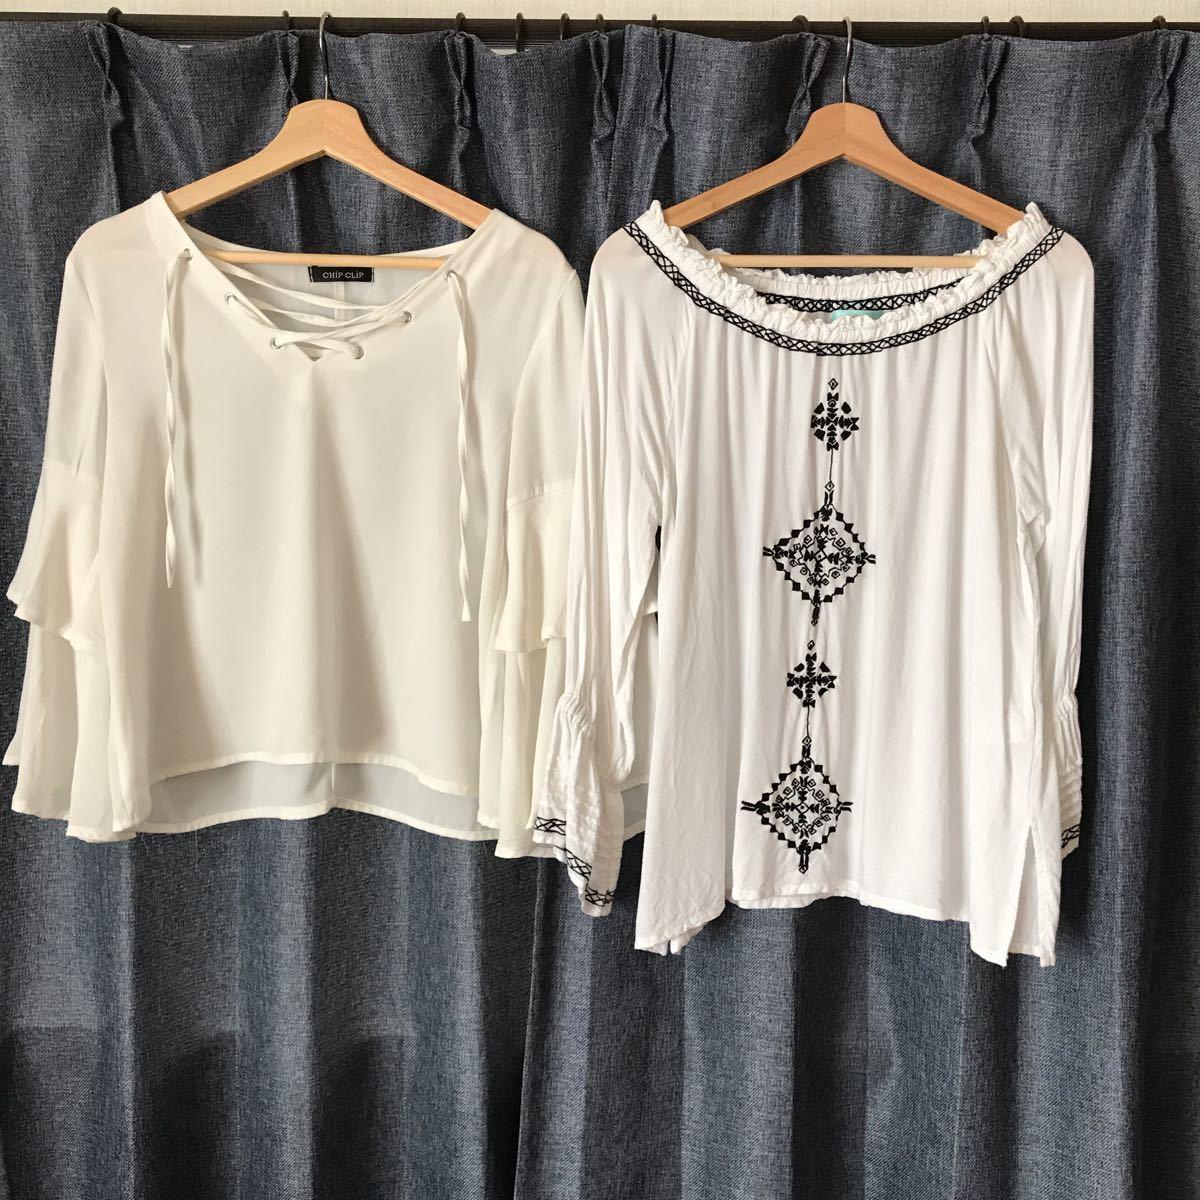 ラレイア含むシャツ2枚セット HAWAII_画像1